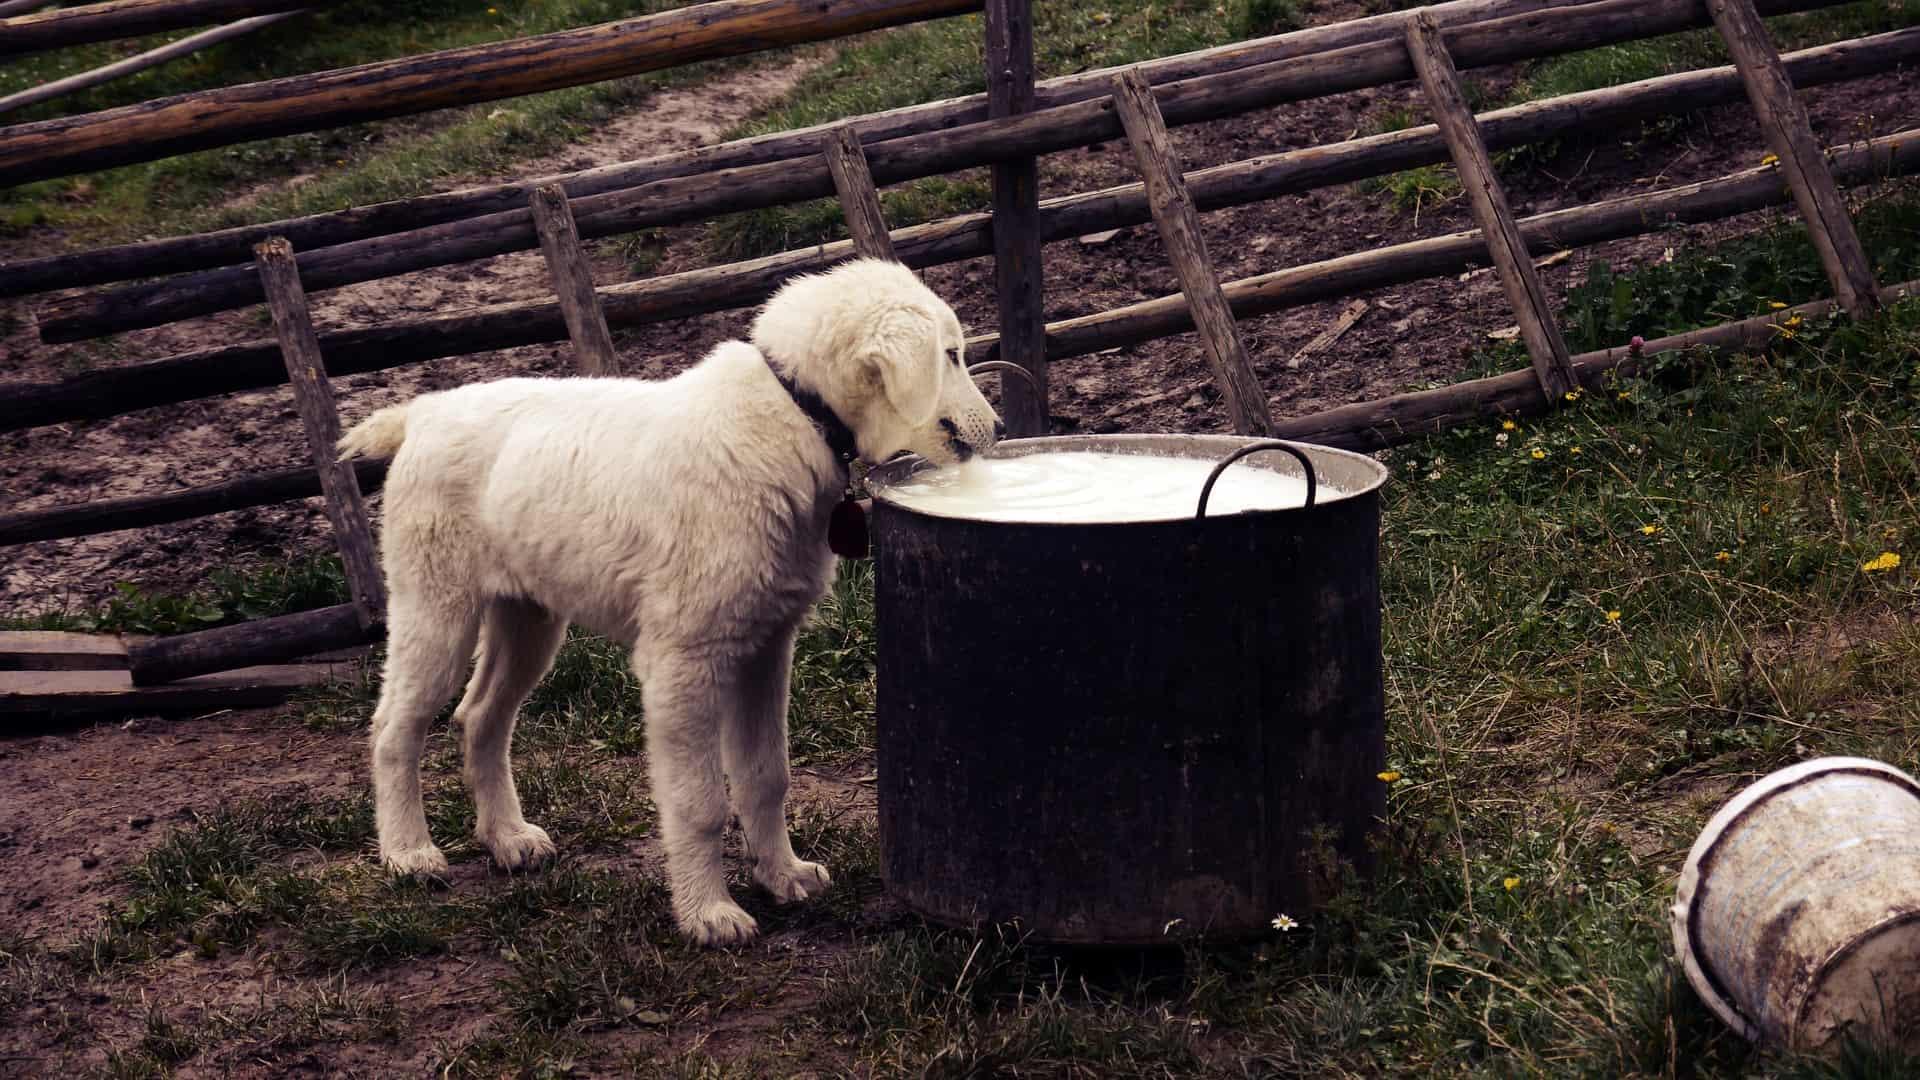 Welpenmilch: Test & Empfehlungen (04/21)